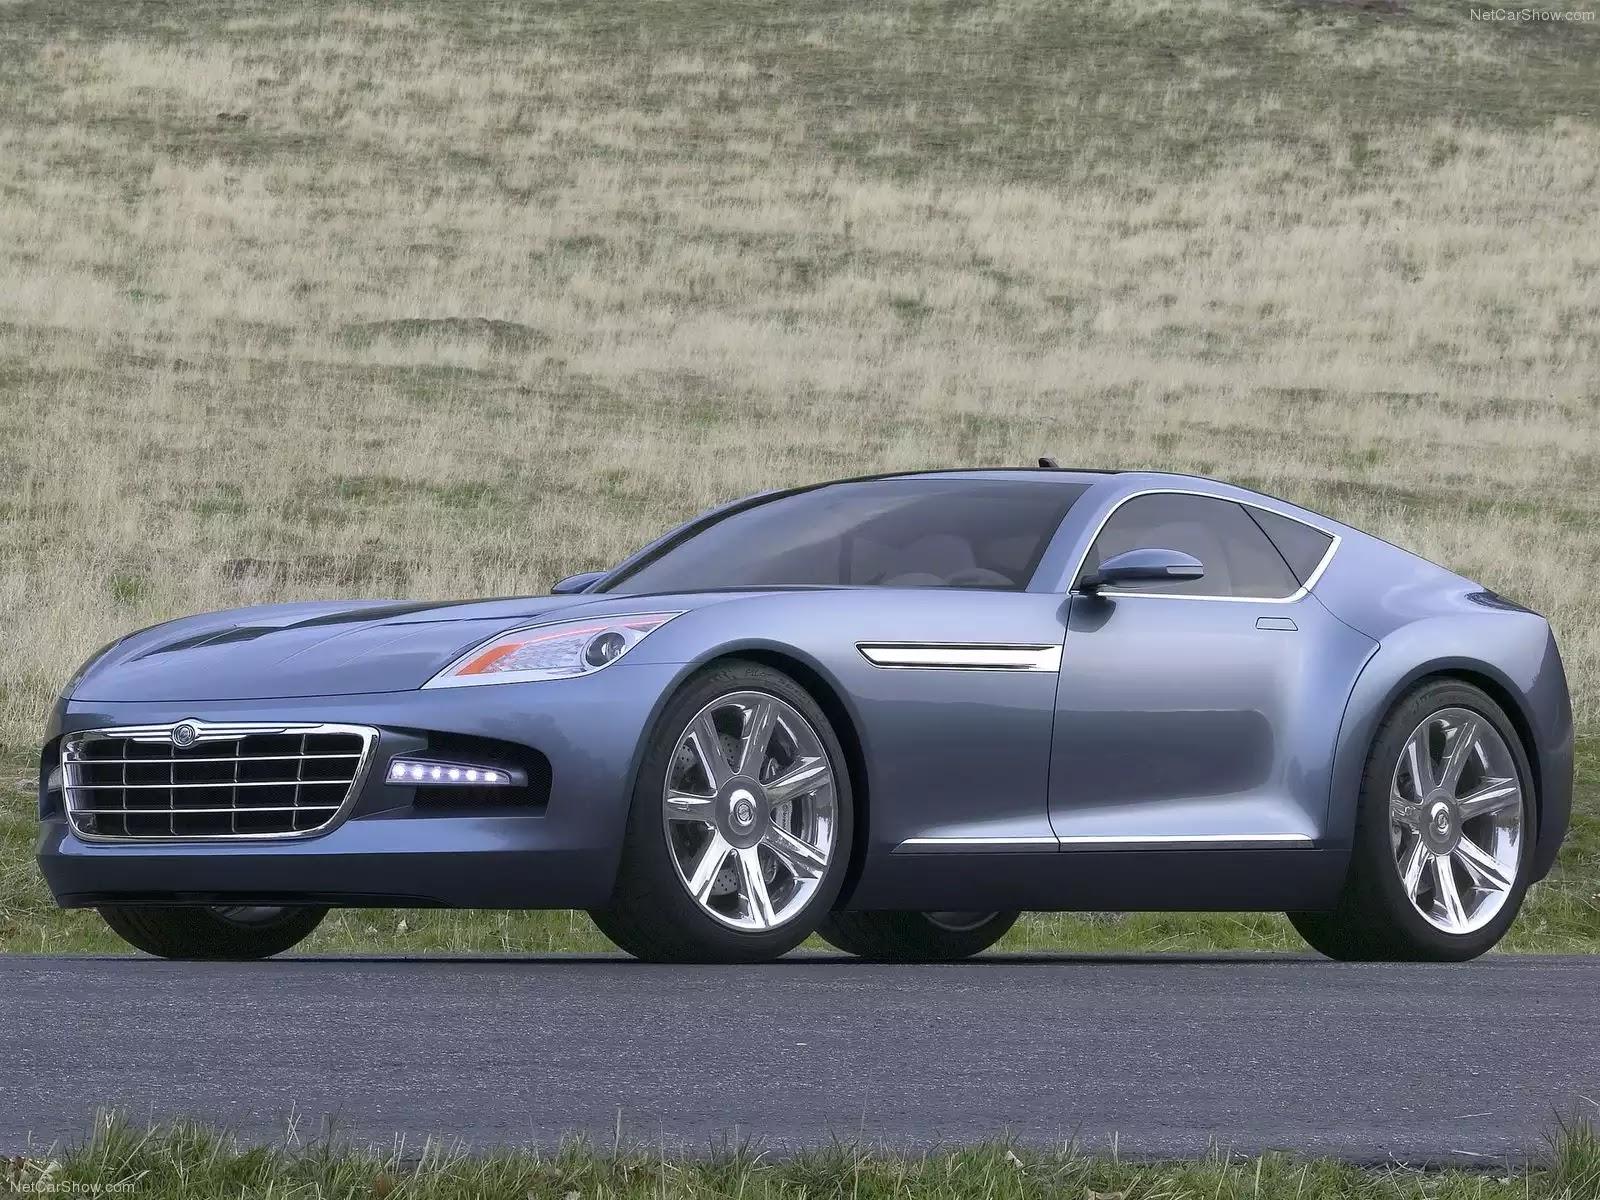 Hình ảnh xe ô tô Chrysler Firepower Concept 2005 & nội ngoại thất